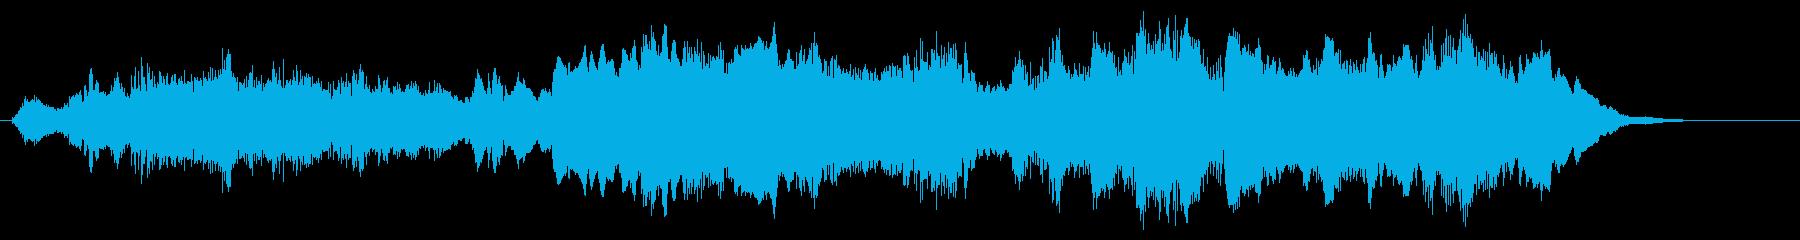 クラシカルで落ち着いた西洋風ジングルの再生済みの波形